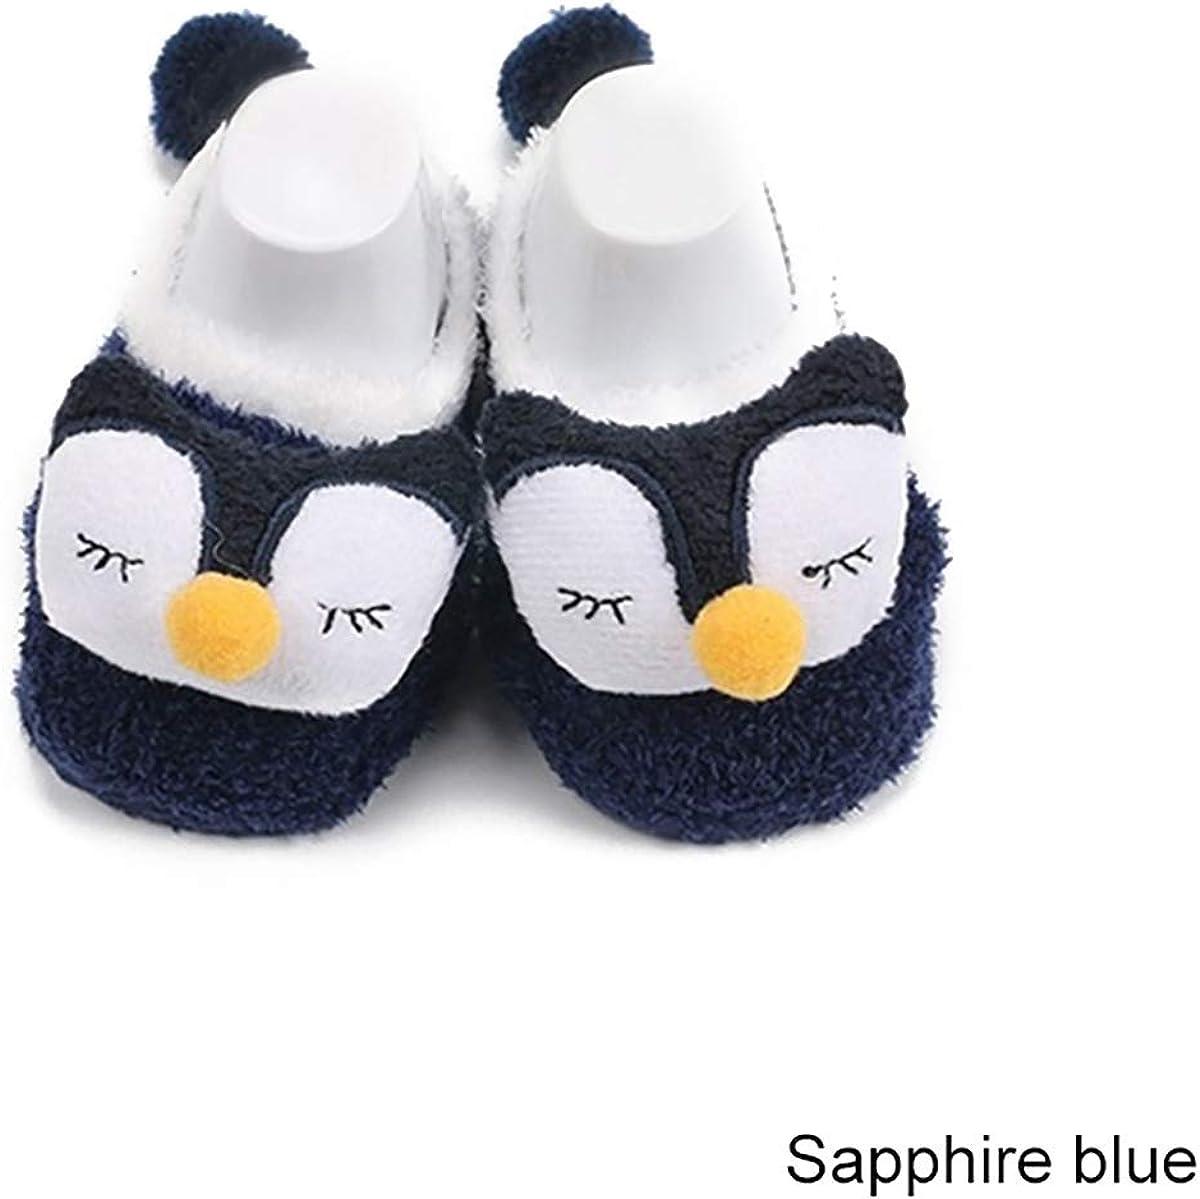 Bébé Nouveau-né Filles Garçons Anti-Dérapant Chaussettes Chaussons Chaussures 0-12 mois Un